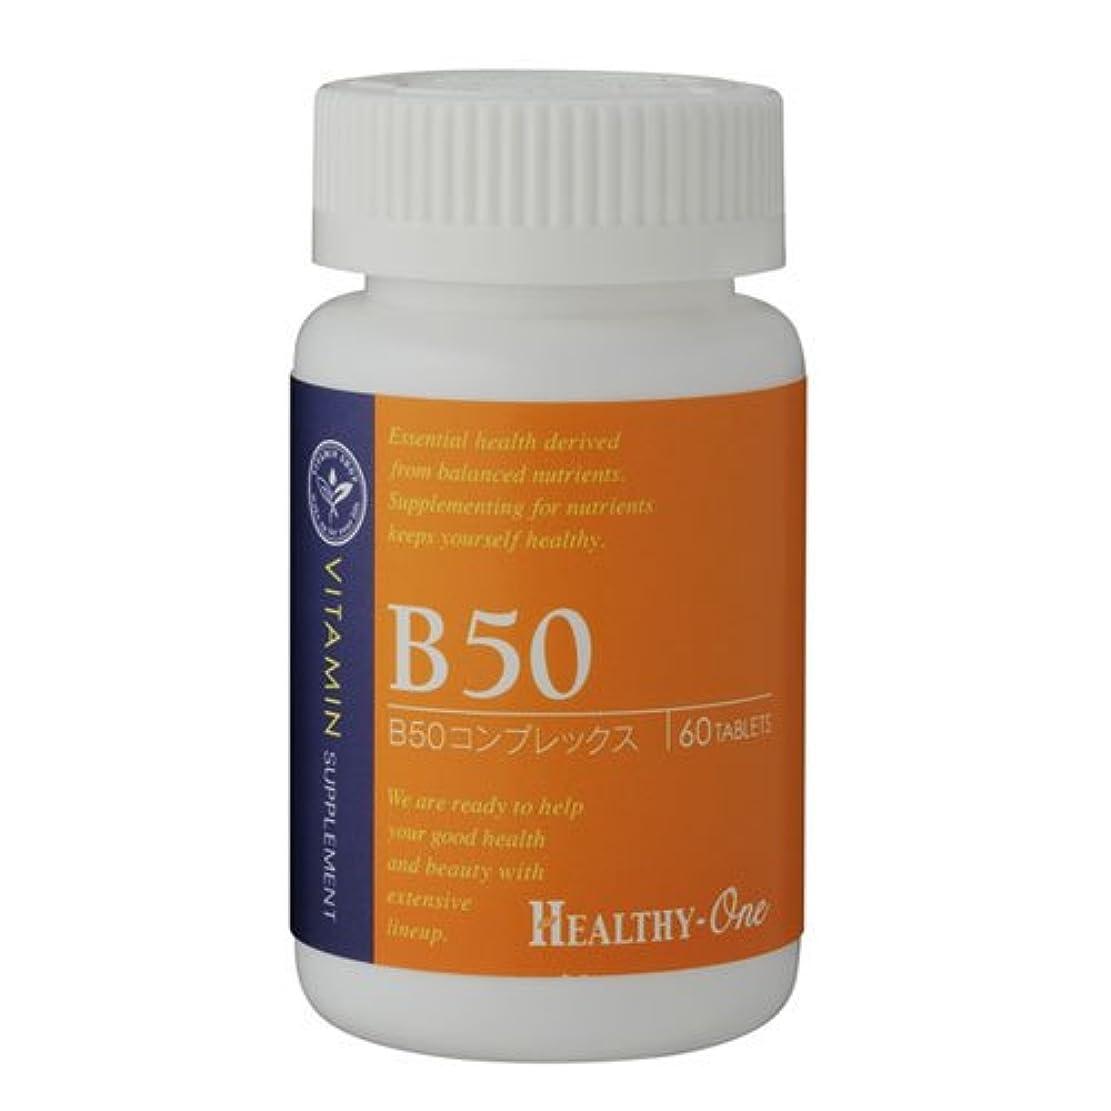 告白する皮誘惑する【栄養士常駐】 ビタミンB50 60粒 30~60日分 サプリメント専門店ヘルシーワン(国内17店舗展開)TELでお気軽に相談ください